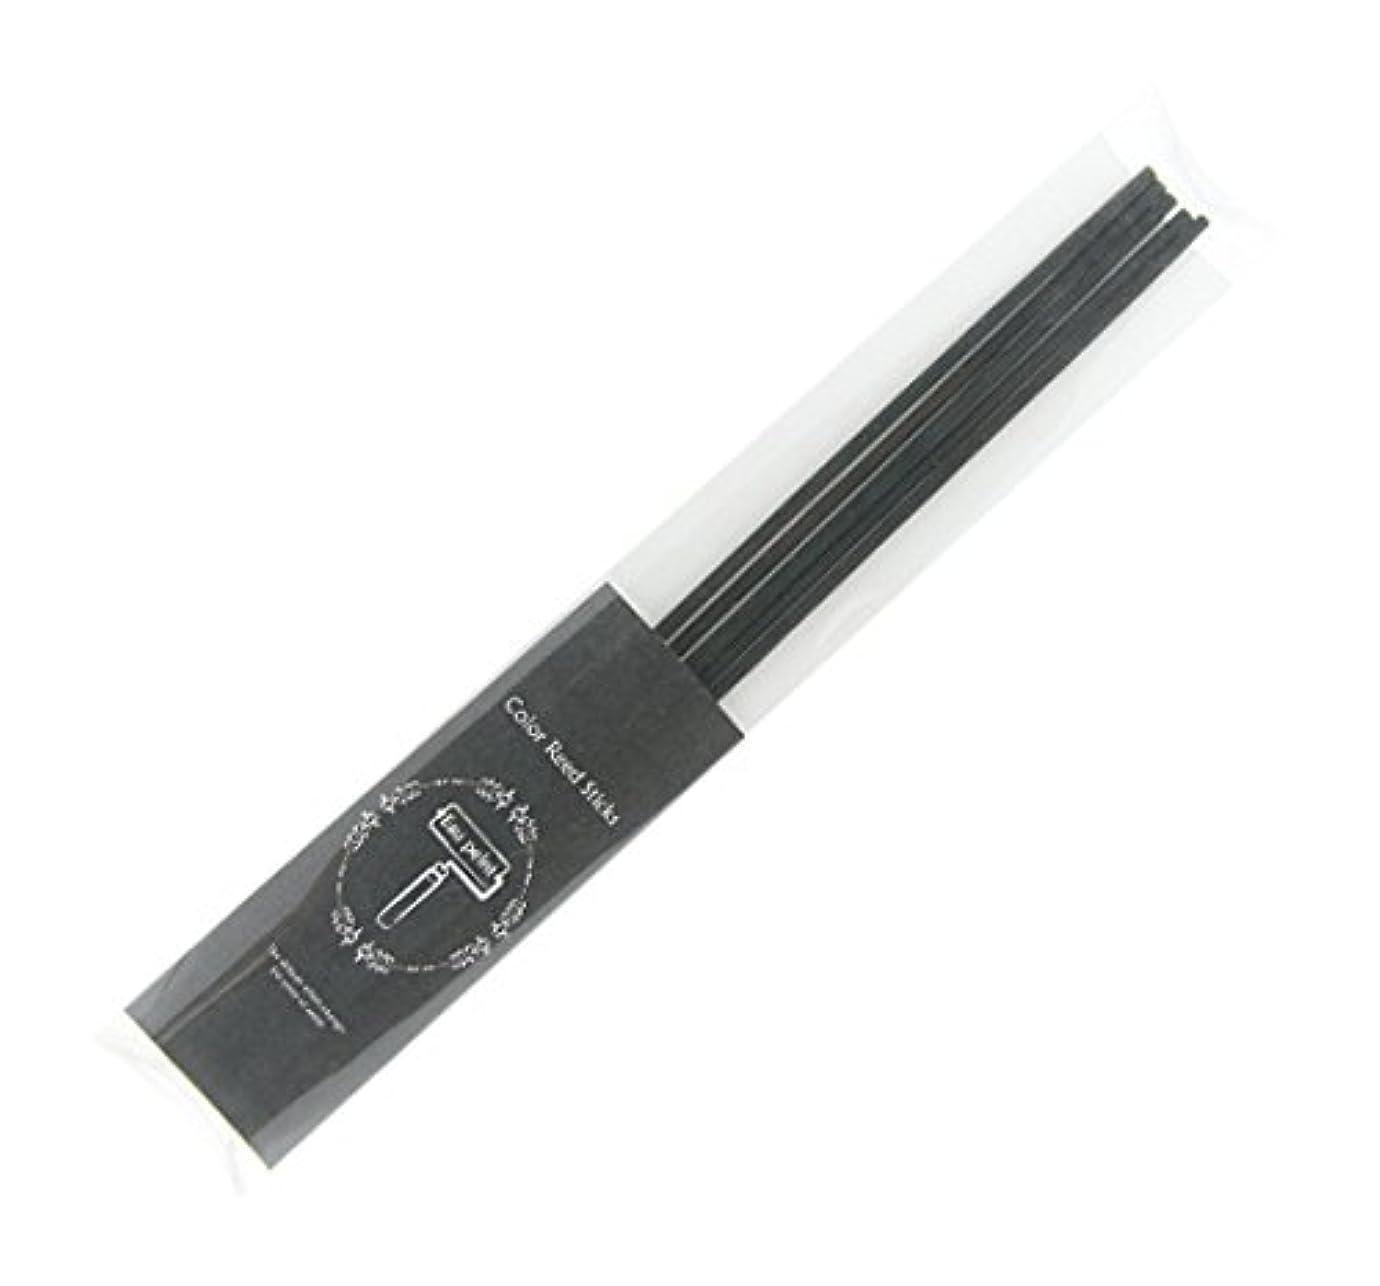 リッチ永遠の重々しいEau peint mais+ カラースティック リードディフューザー用スティック 5本入 ブラック Black オーペイント マイス